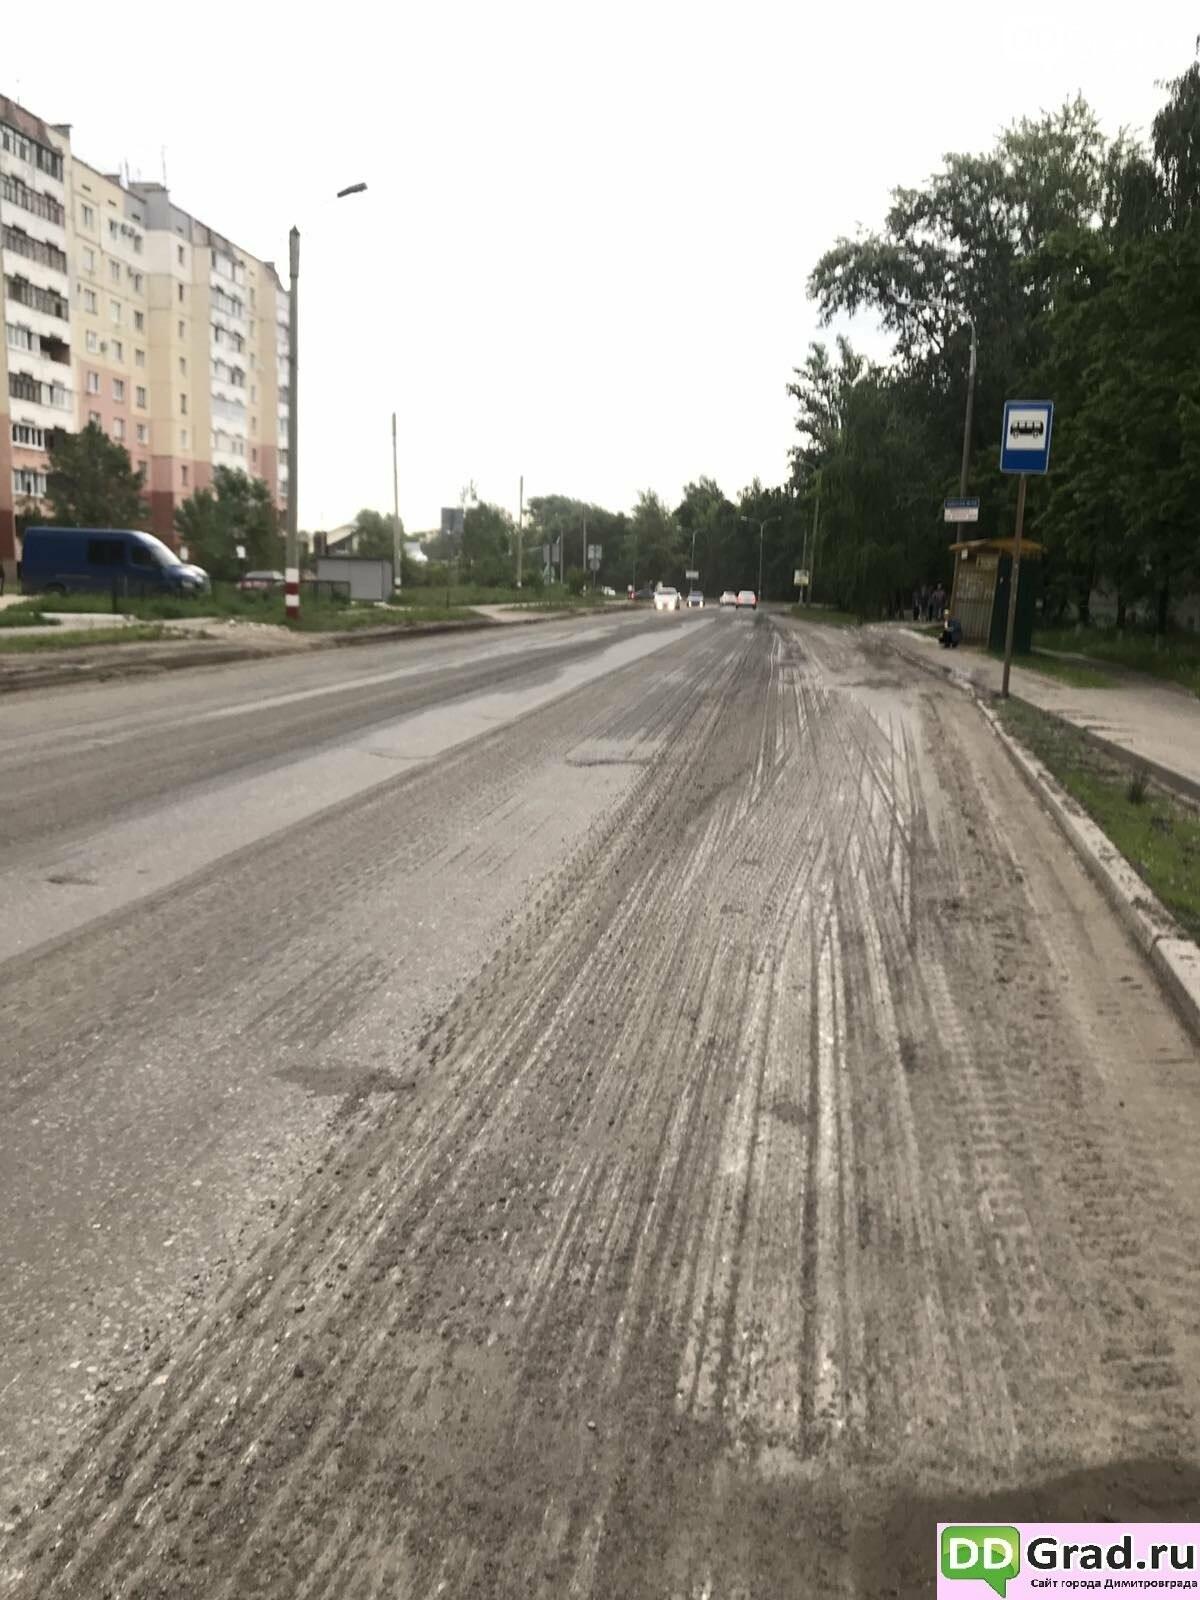 Эх, дороги... Пыль да туман... В Димитровграде начался ремонт дорог, фото-1